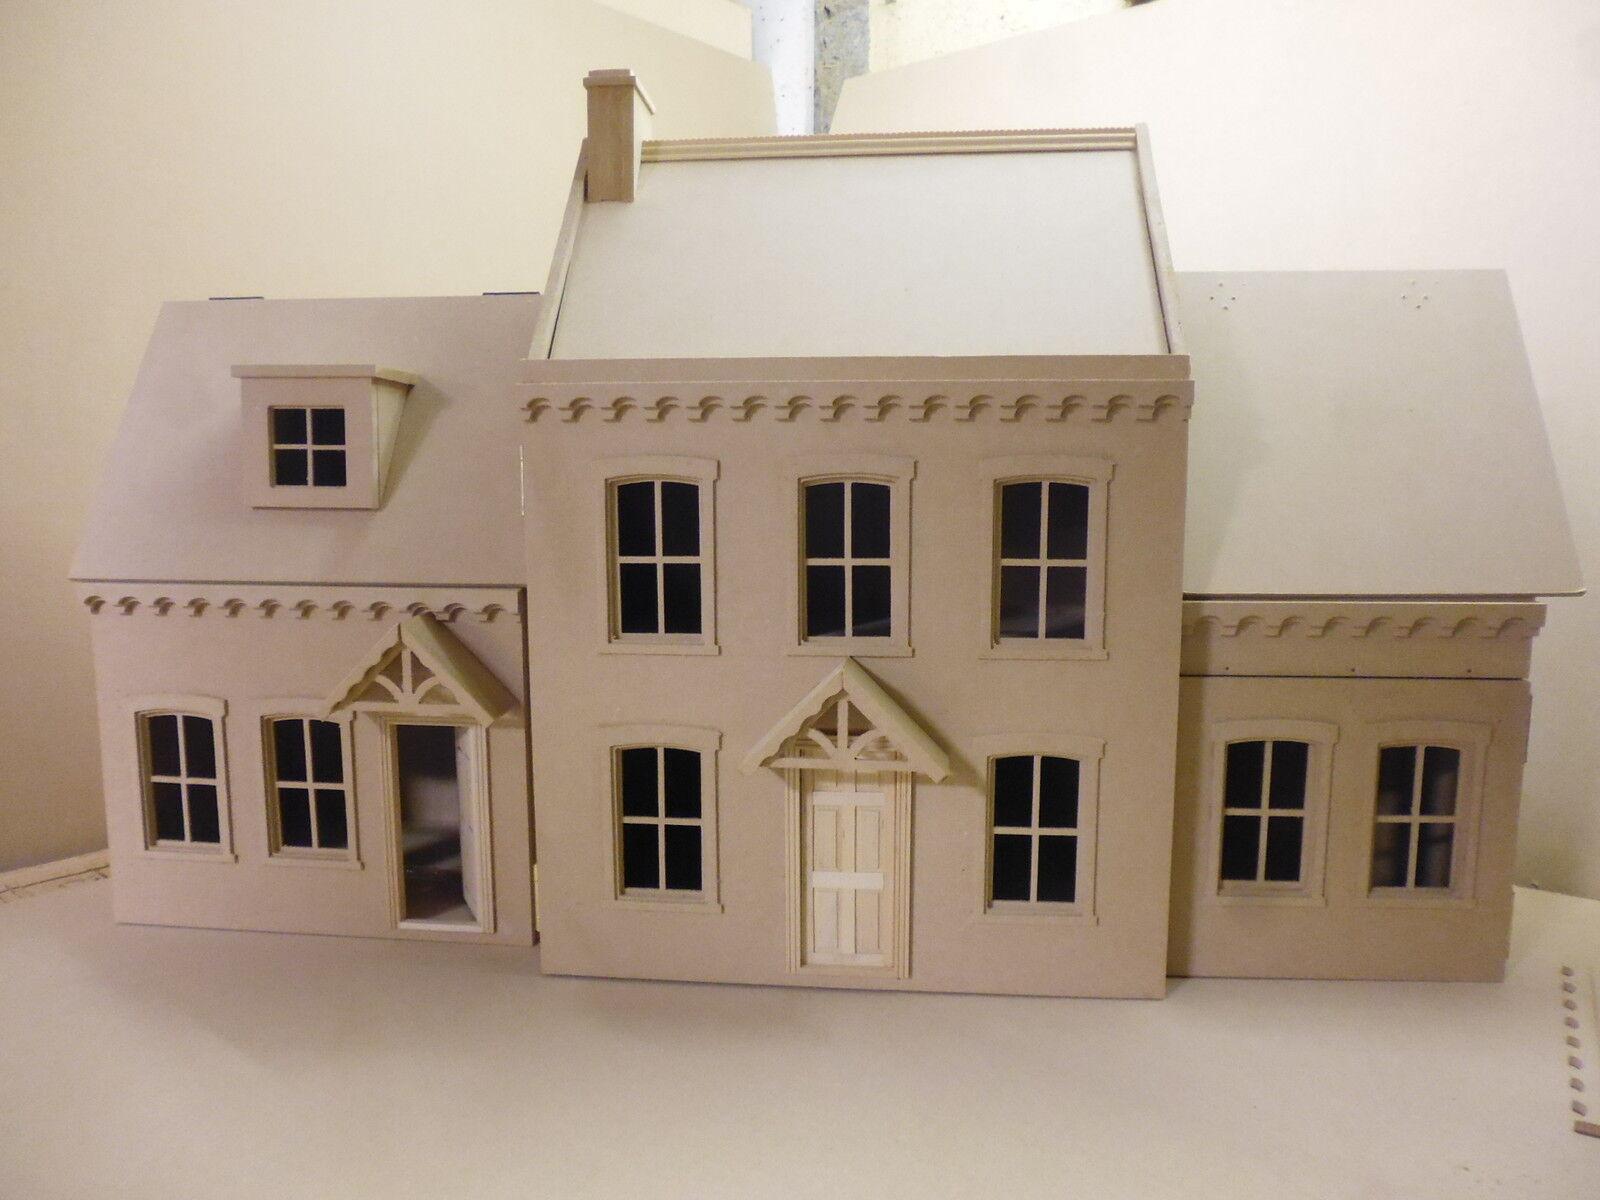 1 12 Dolls House stratfield gamma & Kew gamma kit da casa delle bambole diretto